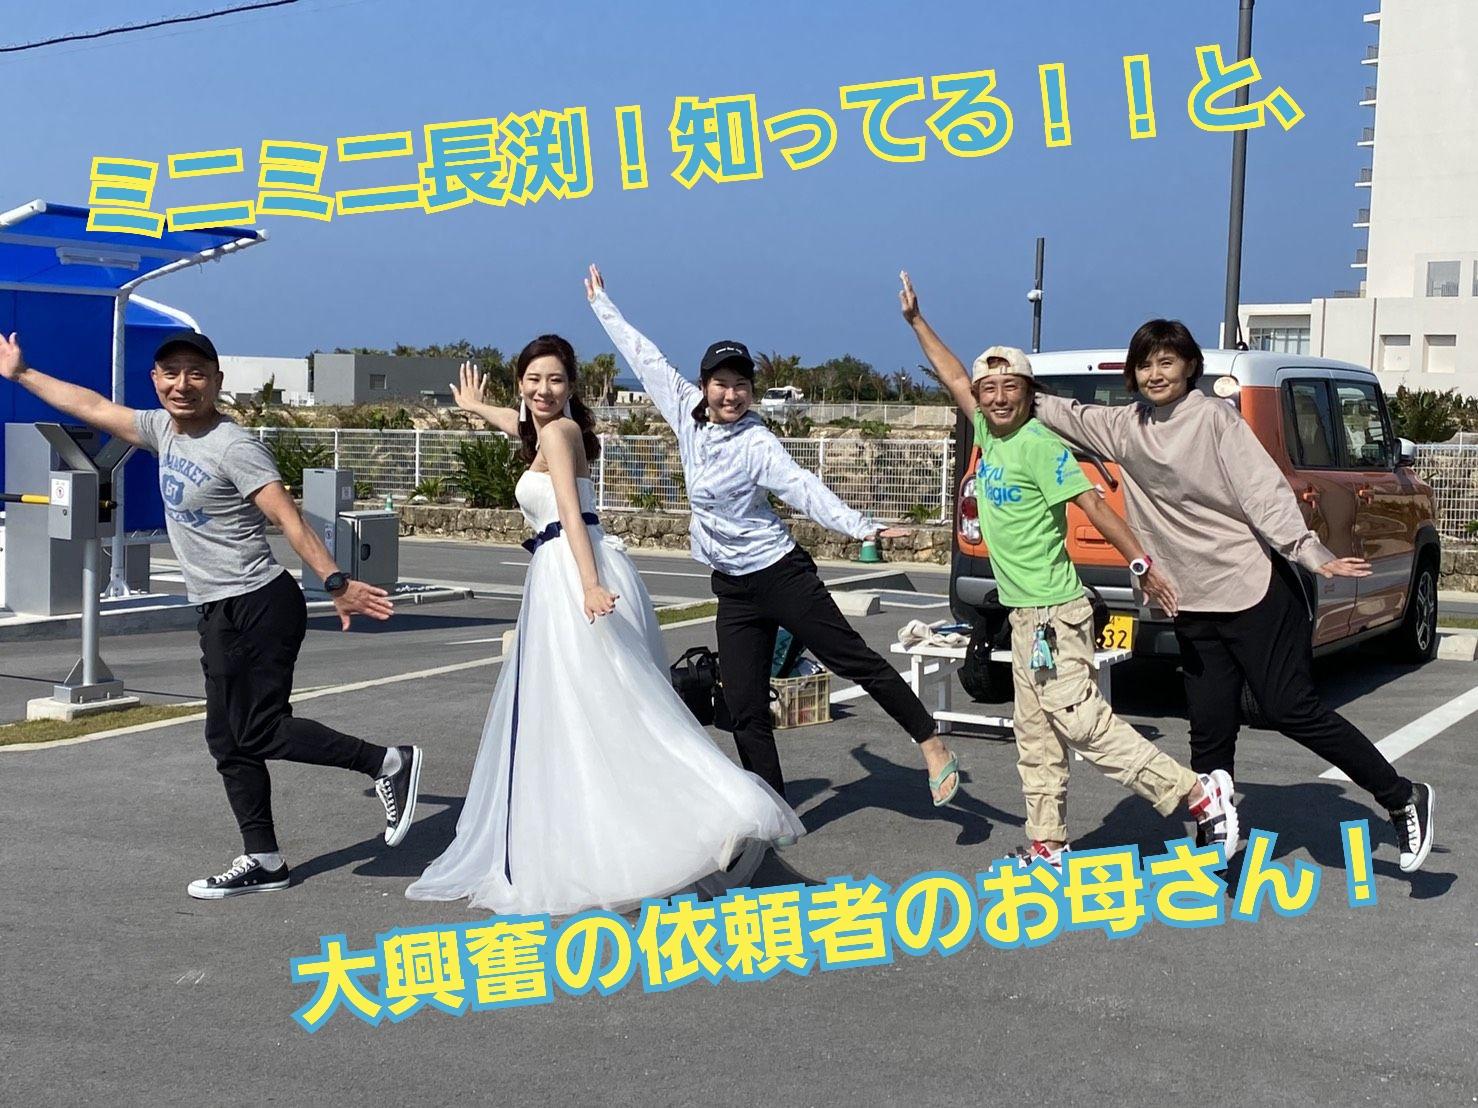 沖縄カメラマンの喜びの舞